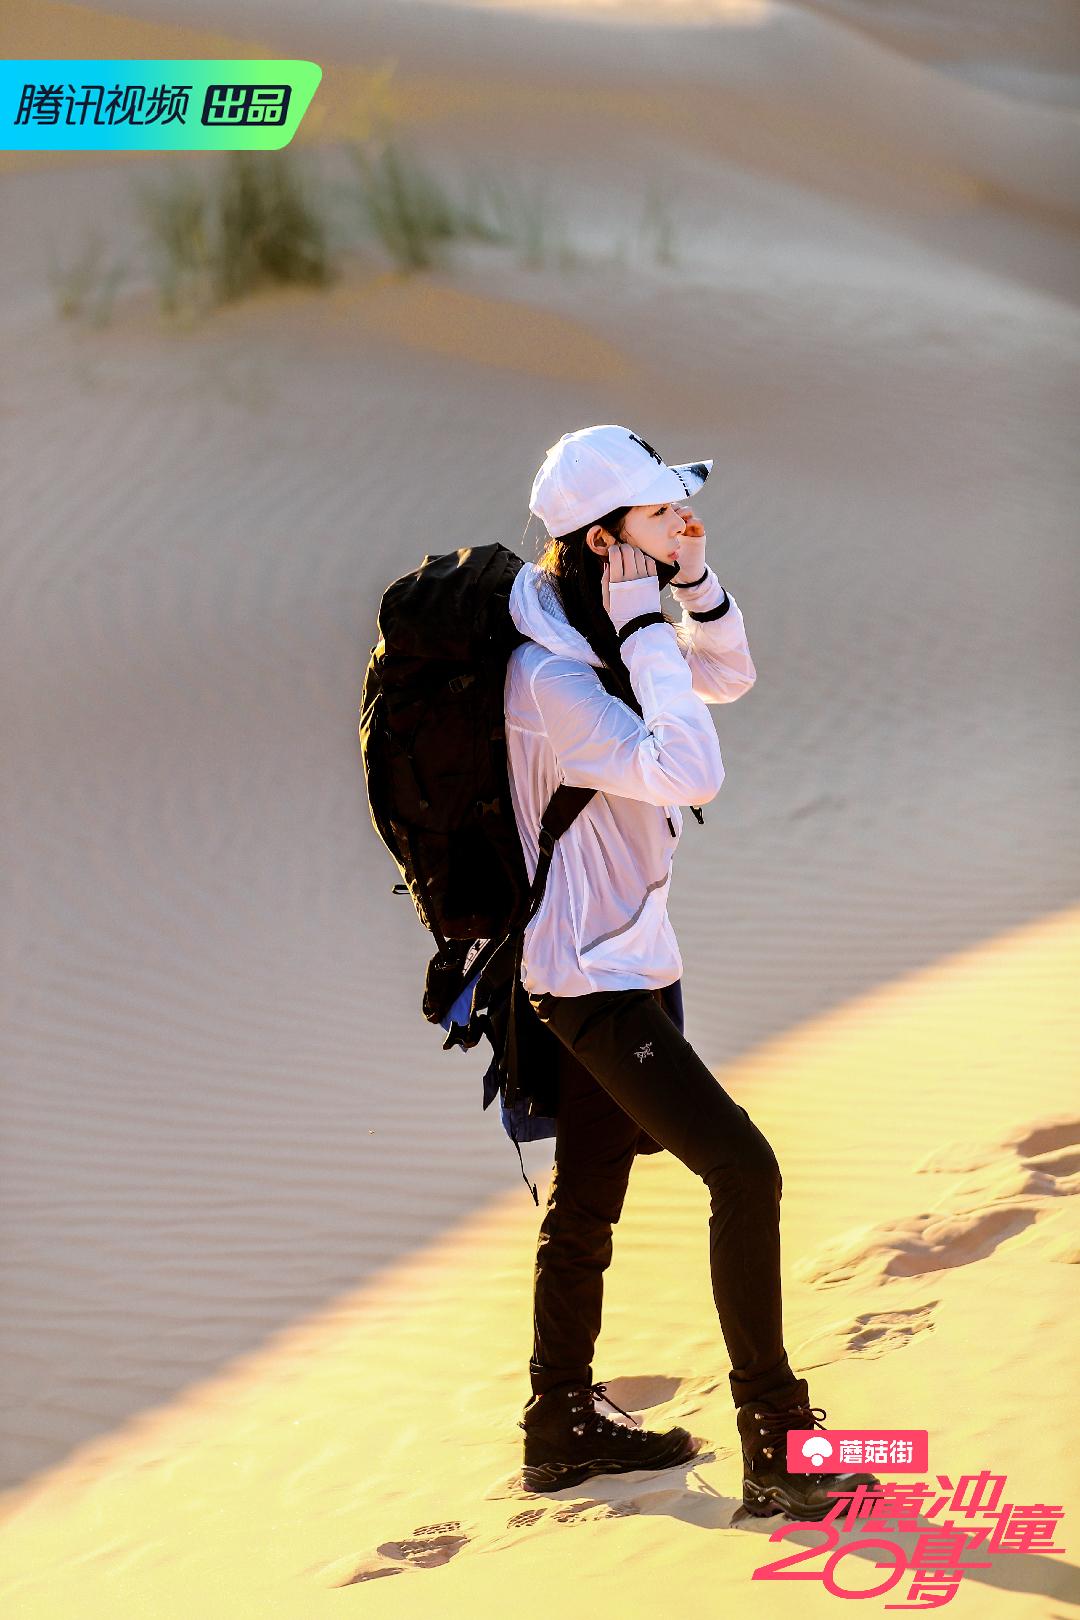 沙漠最重要的是什么? 当然是防晒啦! 看我的白色防晒外套搭配同色系防晒鸭舌帽,是不是和沙漠超配的。包包裤子和鞋子都是黑色的,征服沙漠就看我啦~ #今天开启旅行博主模式#